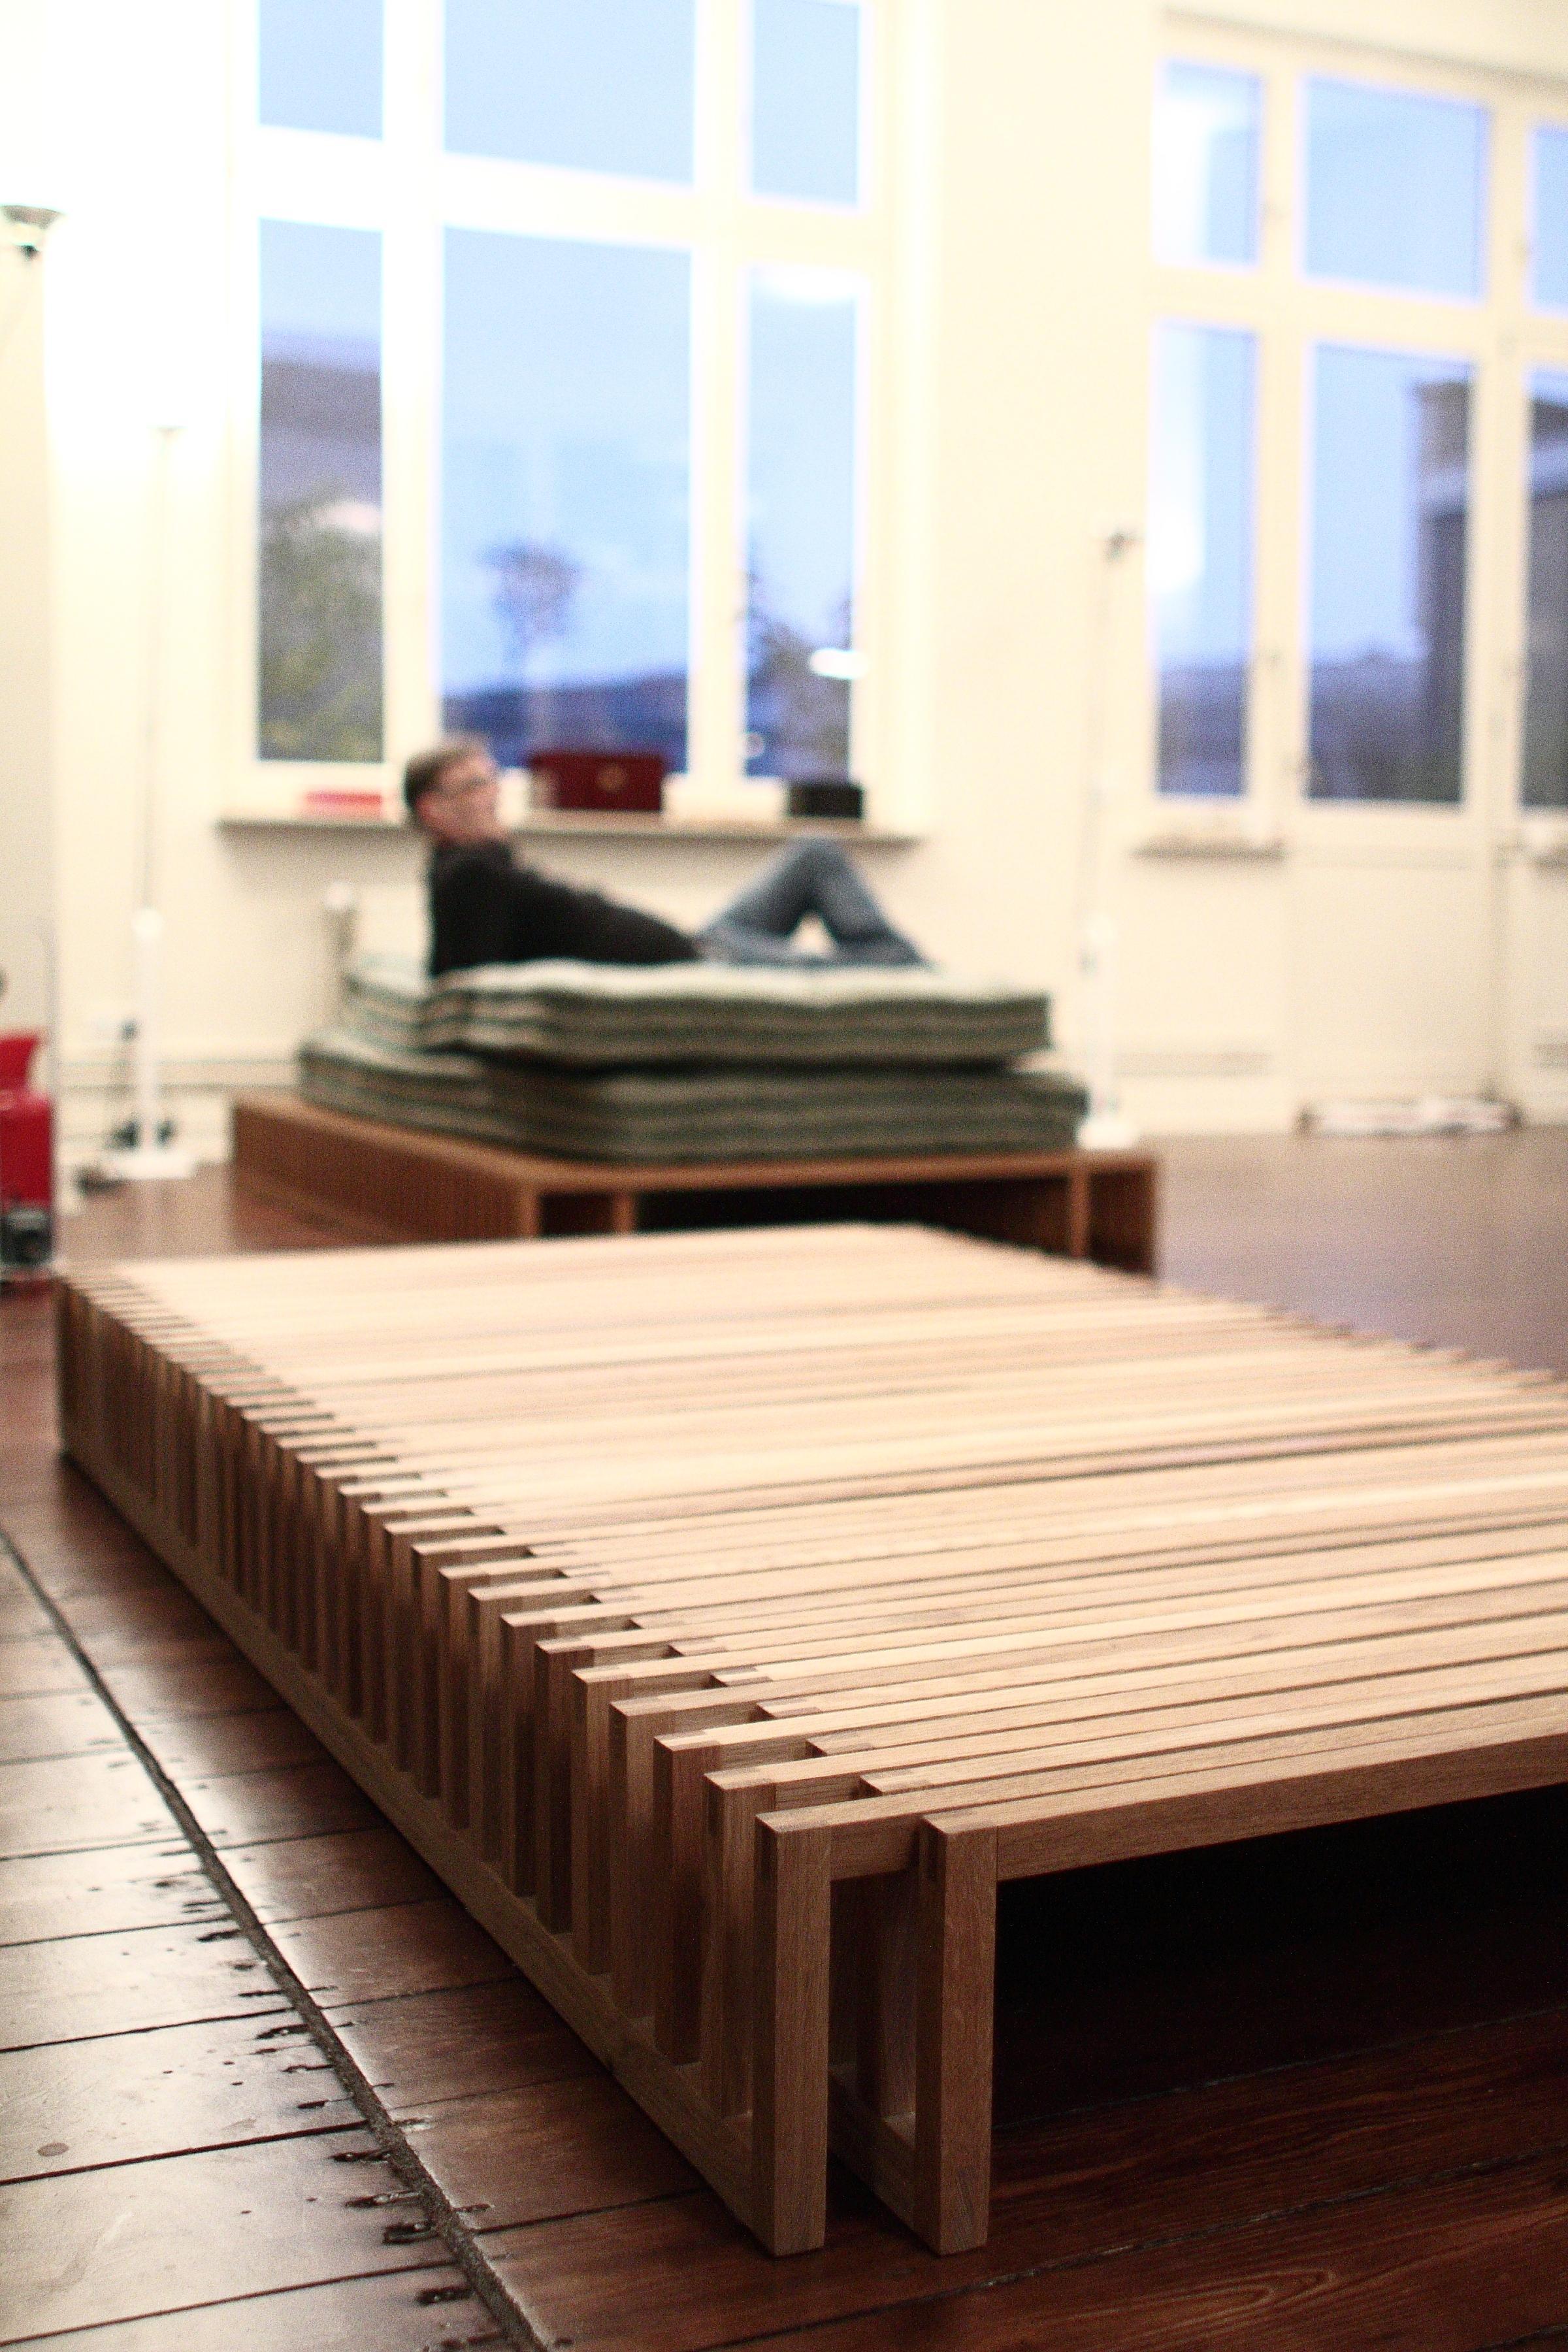 Fabelhaft Hängendes Bett Galerie Von Größenverstellbares Yin Yang #bett #schlafzimmer #skandistyle #stapelbett